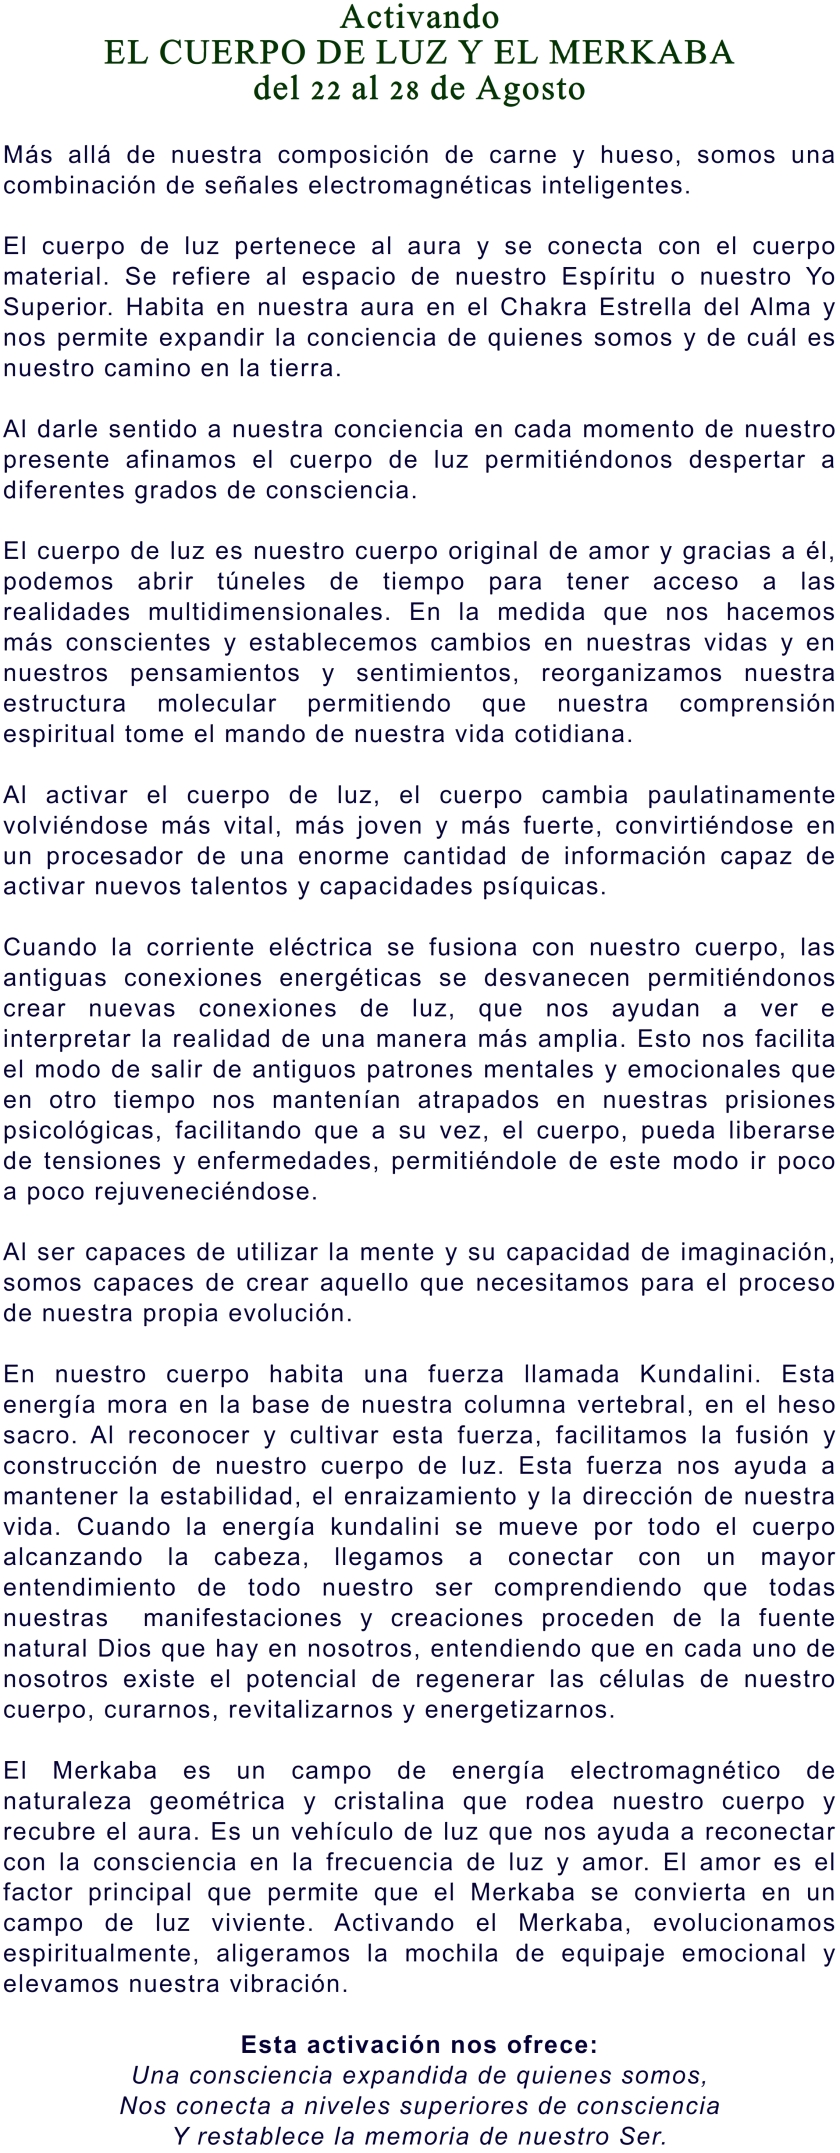 2014 CUERPO DE LUZ Y MERKABA 21-27 AGOSTO 1